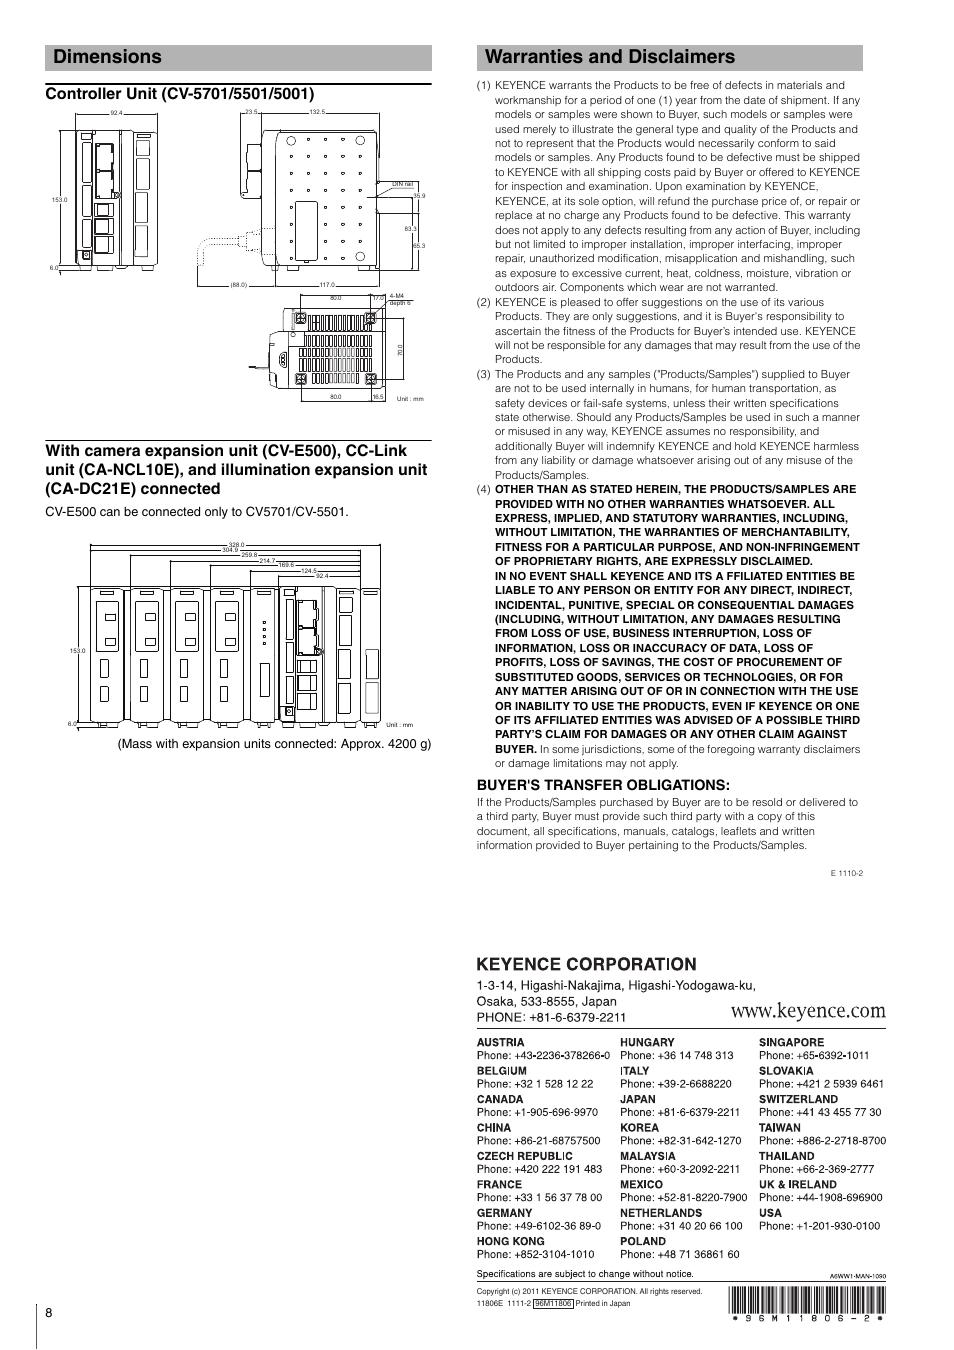 Dimensions, Controller unit (cv-5701/5501/5001